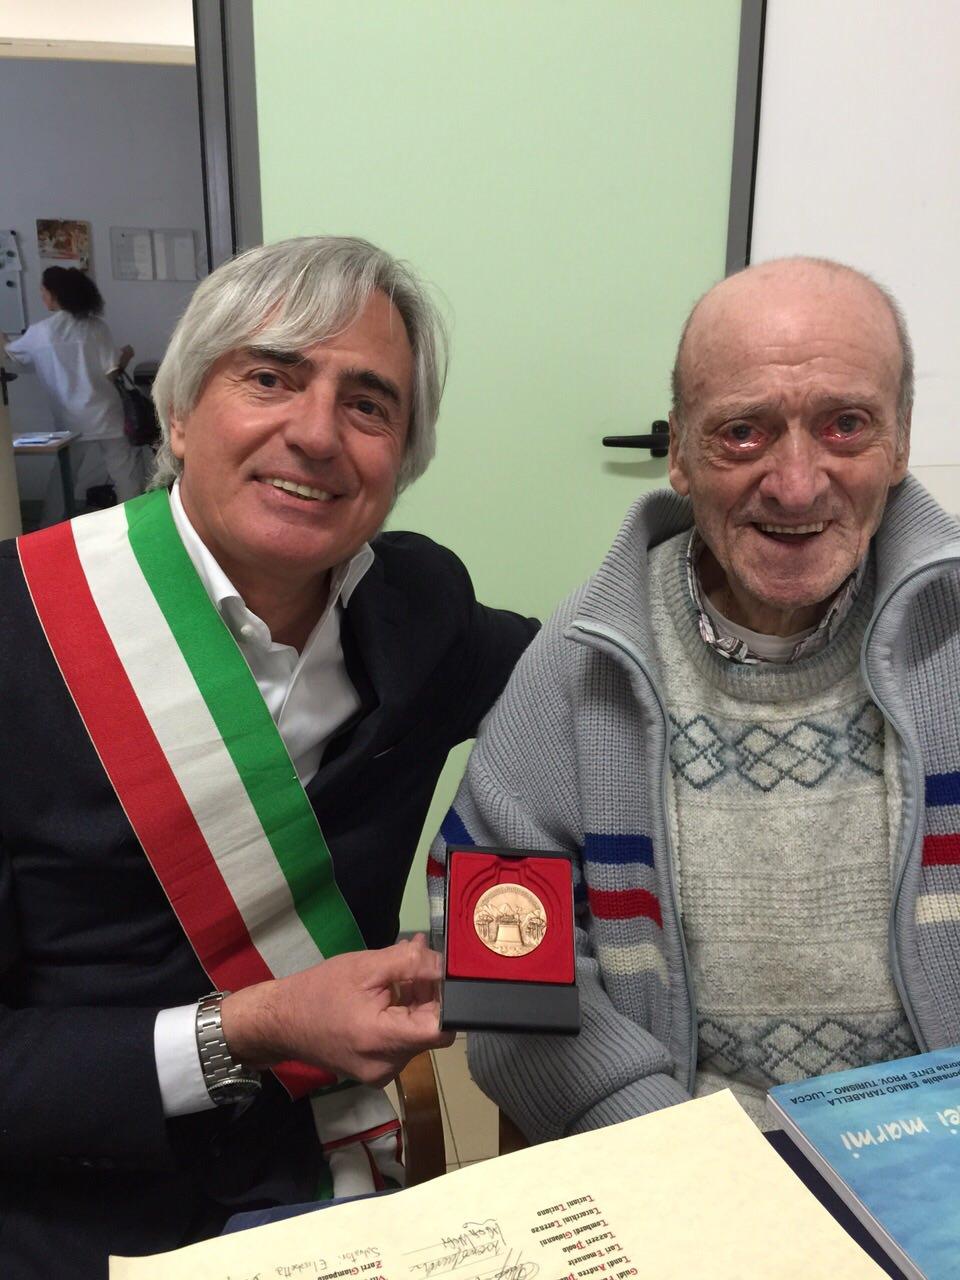 Il sindaco consegna l'attestato all'ex consigliere Barberi